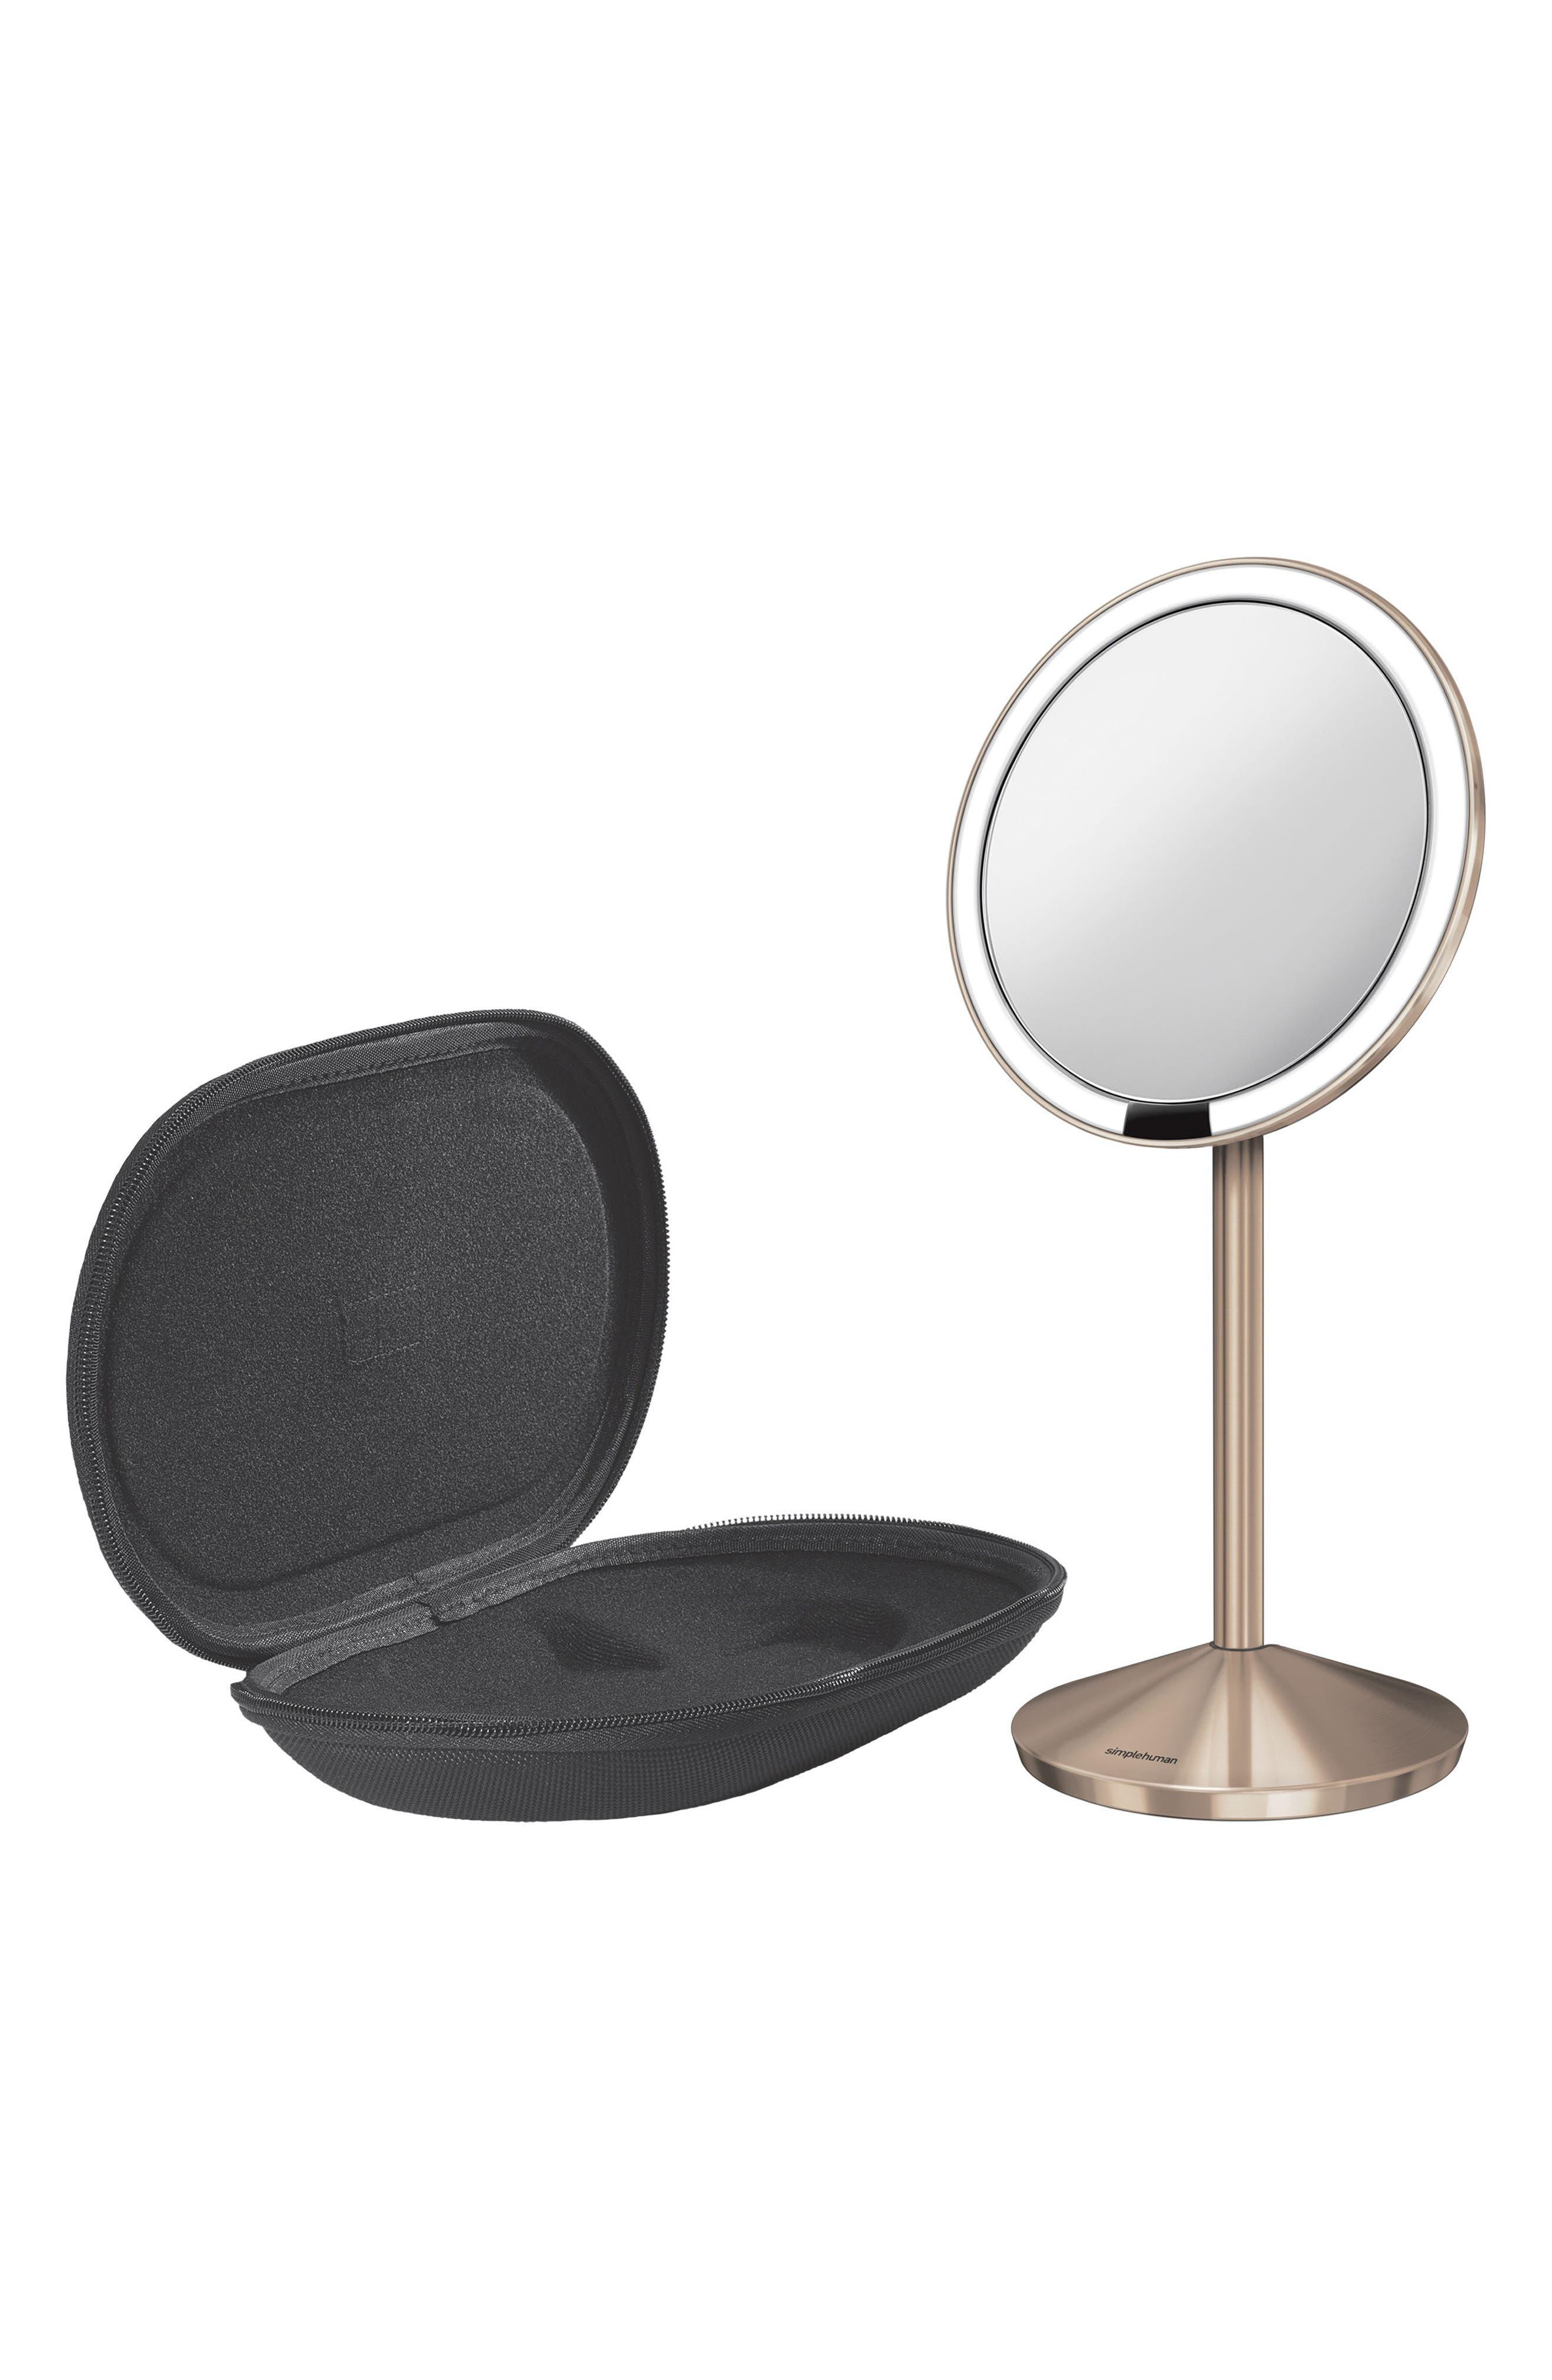 Mini Countertop Sensor Makeup Mirror,                             Alternate thumbnail 4, color,                             Rose Gold